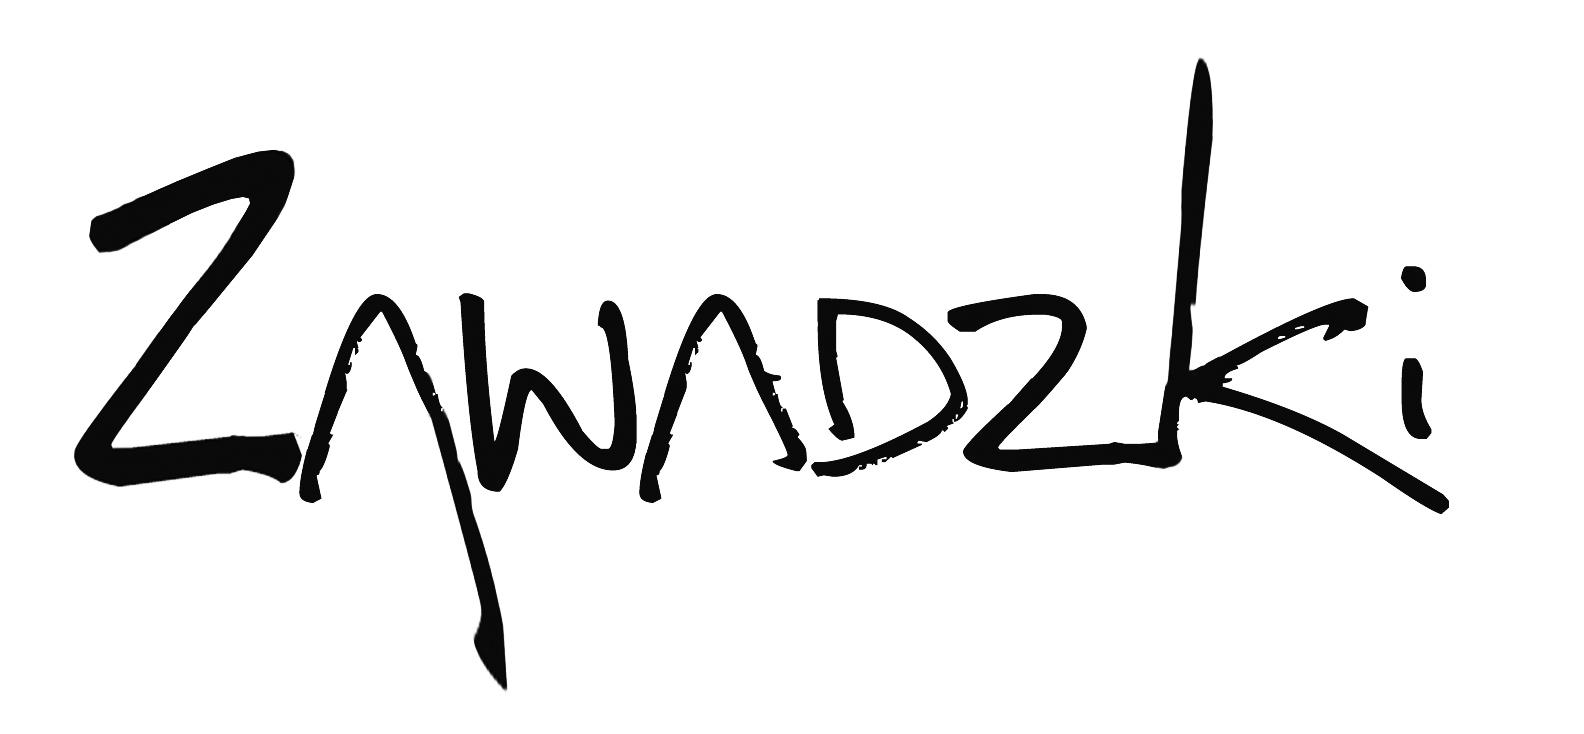 Paul Zawadzki's Signature